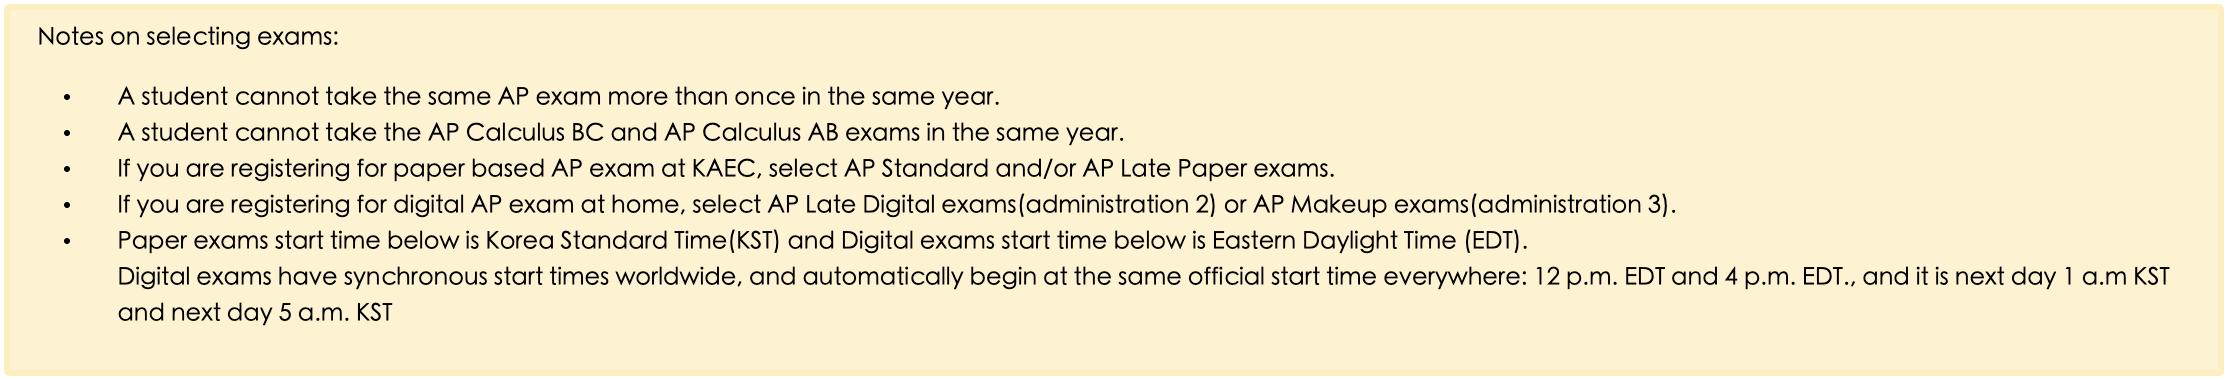 2021年韩国AP春季考试报名细则:2021年韩国AP春季报名可直接报名考期3!